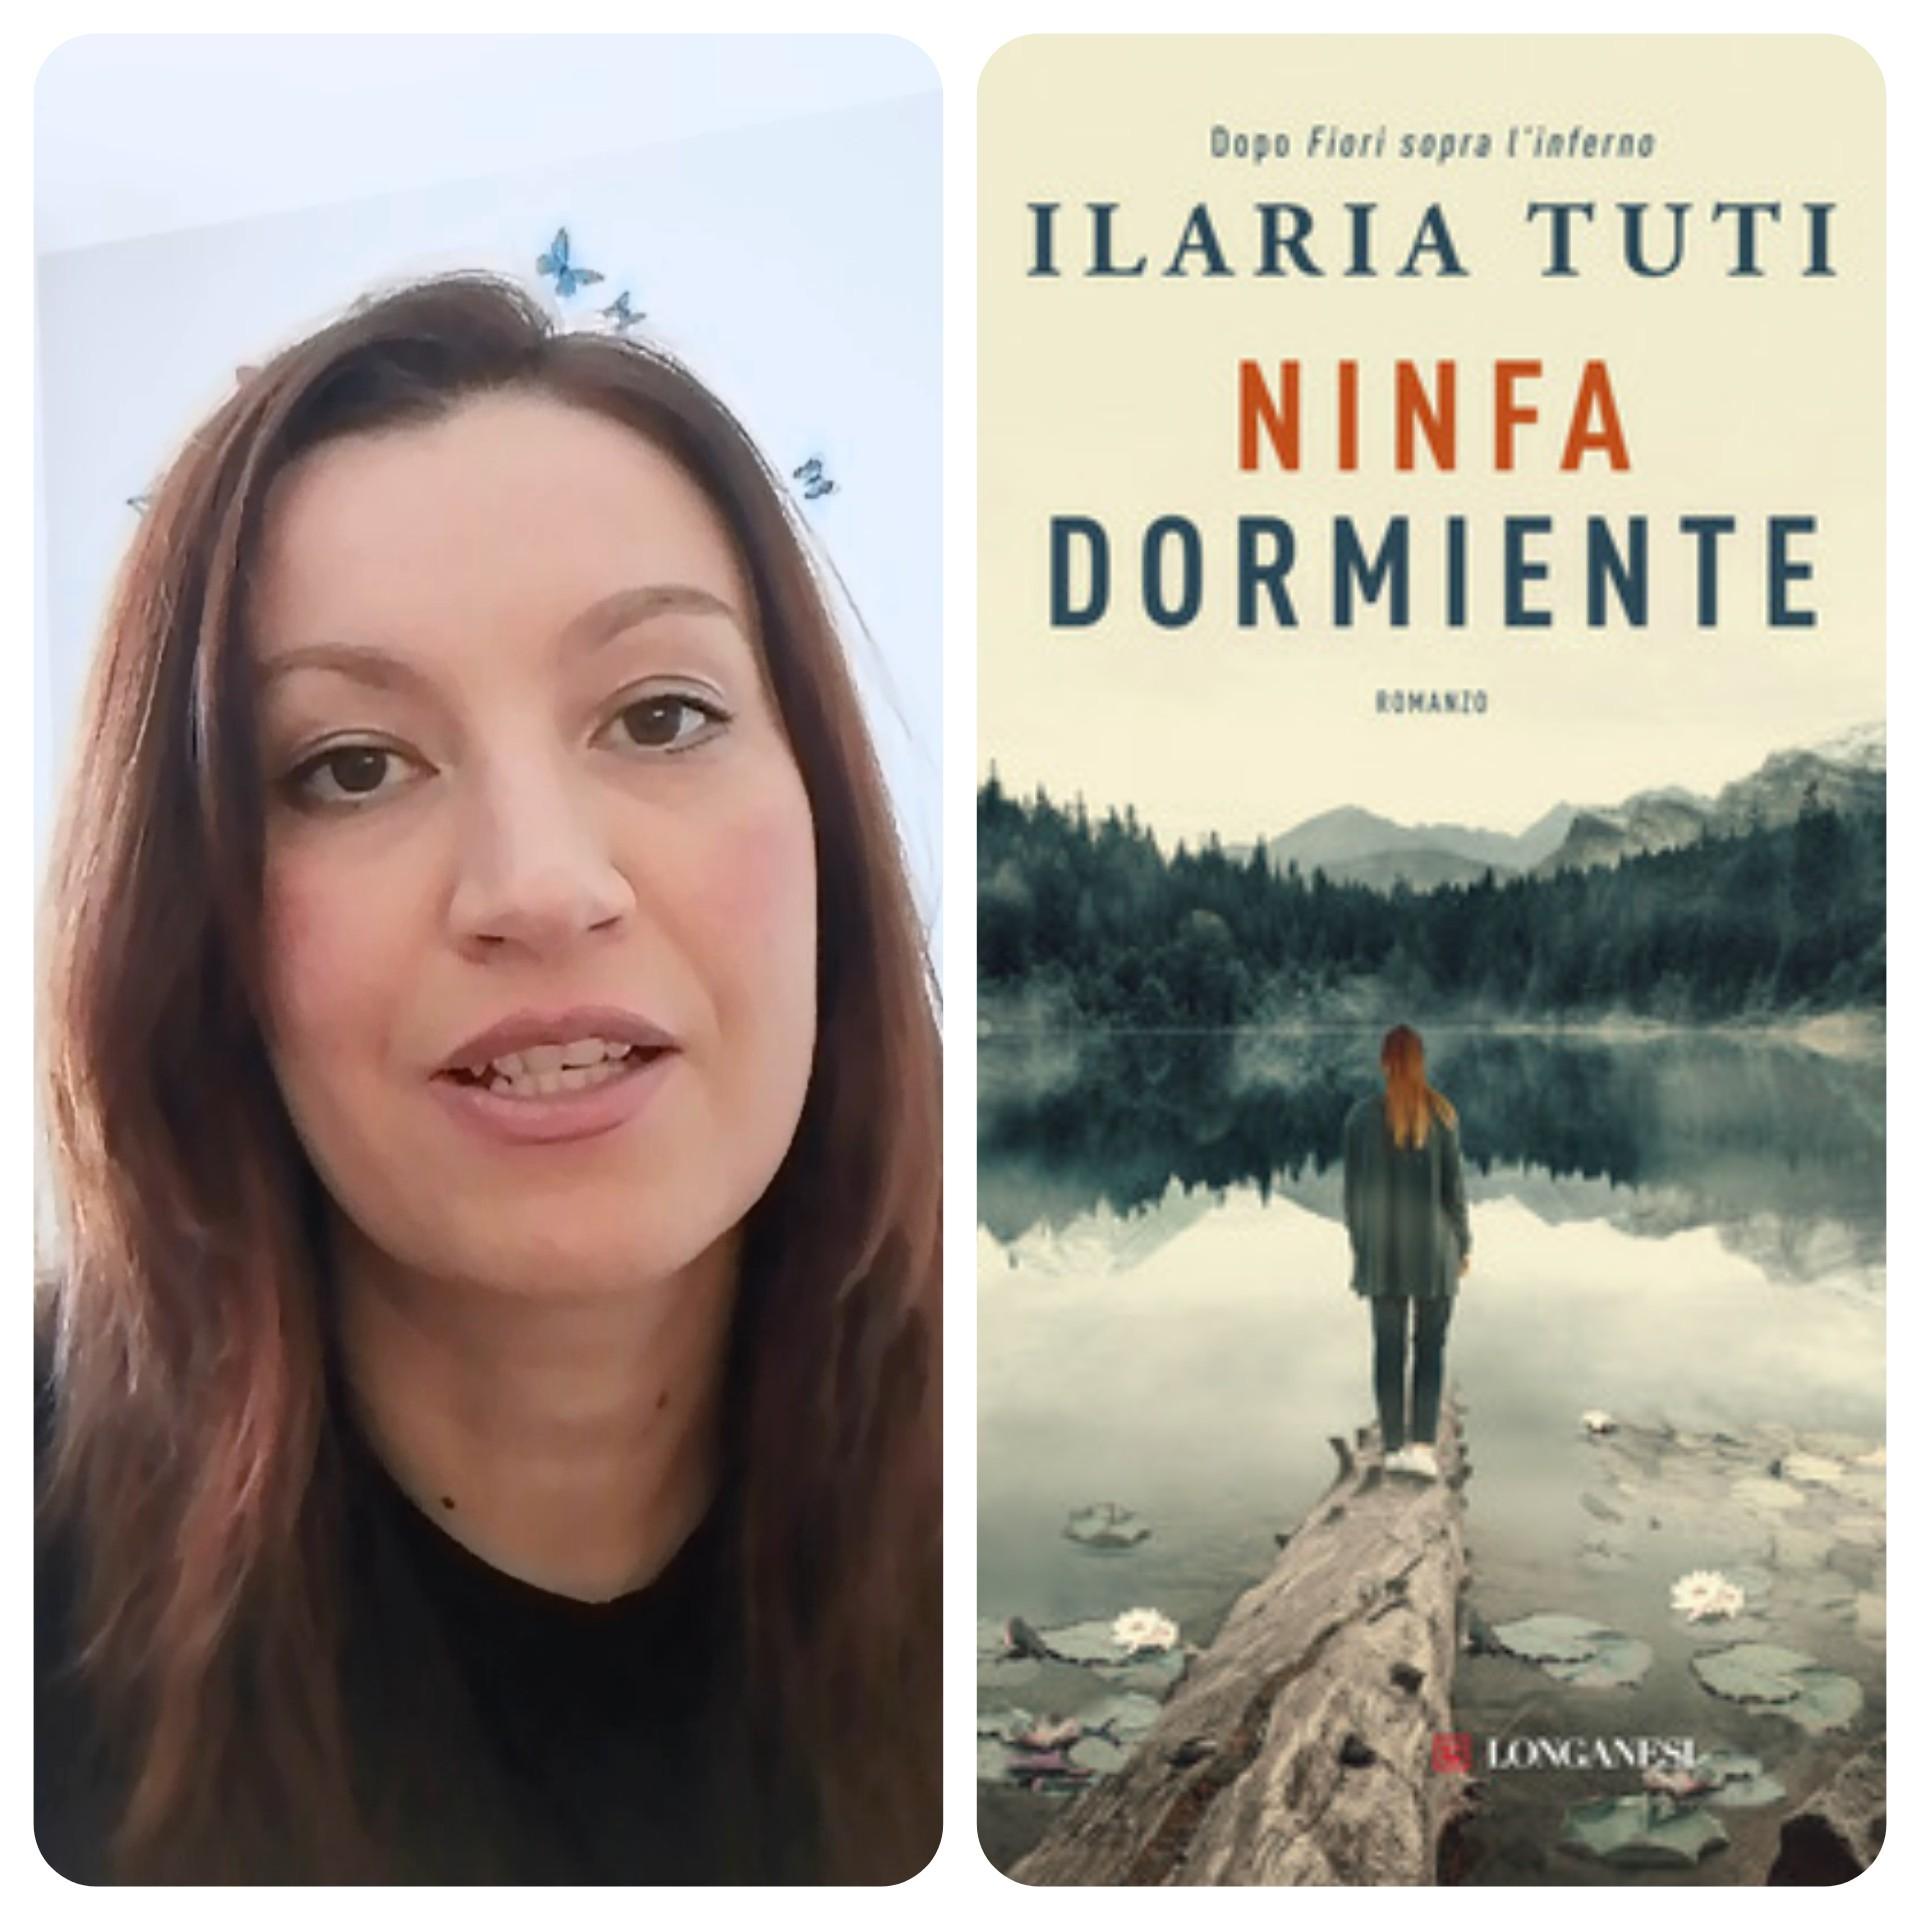 """""""Ve lo legge lo scrittore"""" stasera ospite del Blog c'è Ilaria Tuti autrice dei romanzi """"Fiori sopra l'inferno"""" e """"Ninfa dormiente"""""""